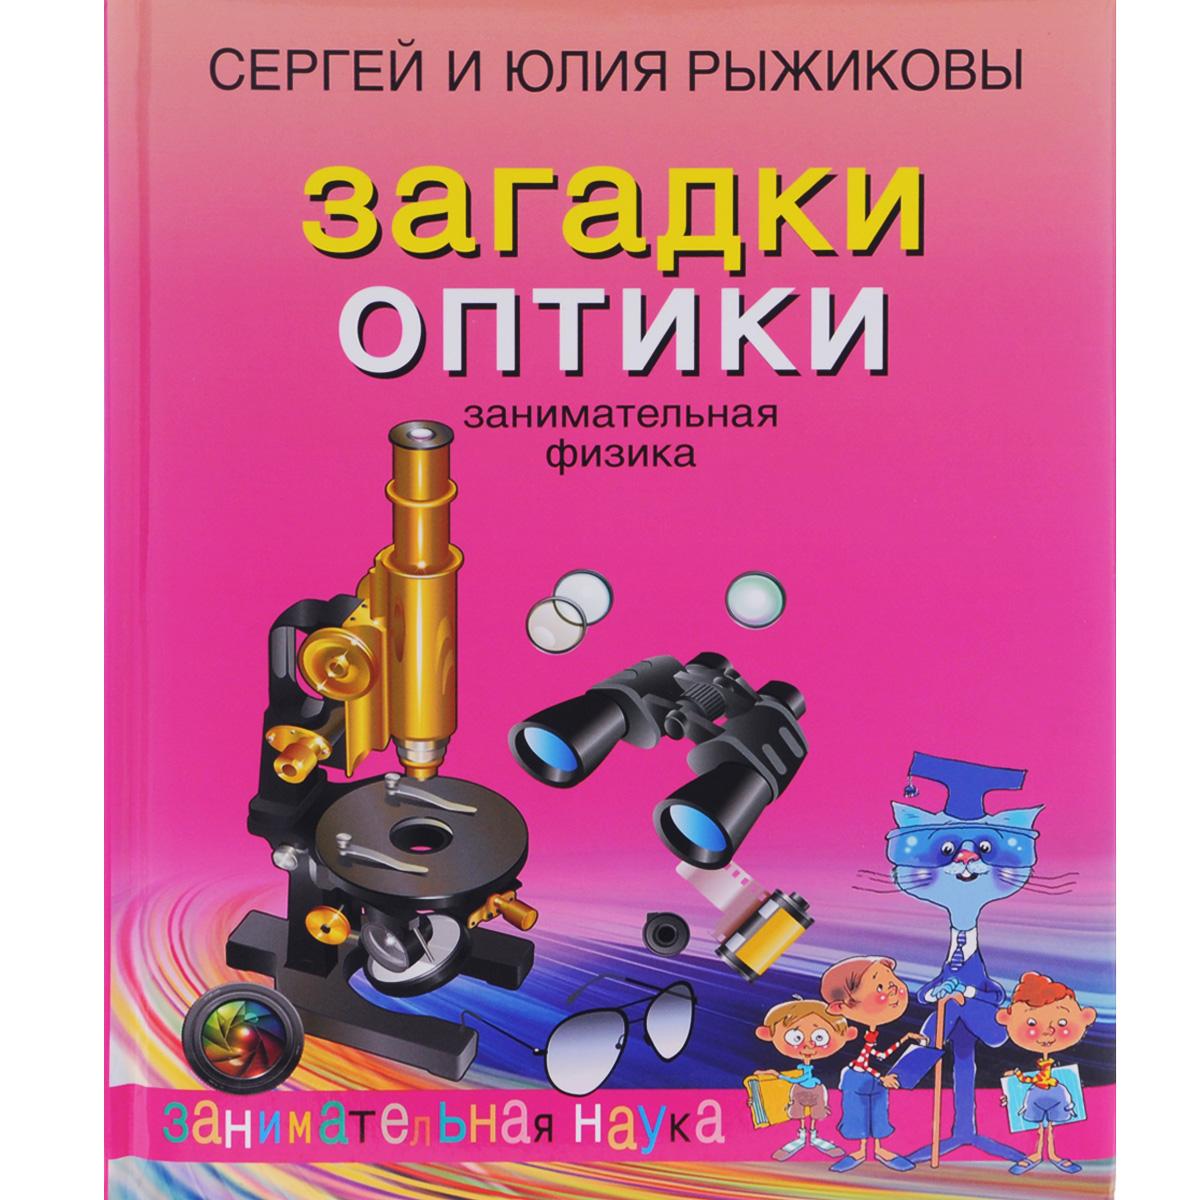 Сергей и Юлия Рыжиковы Загадки оптики. Занимательная физика